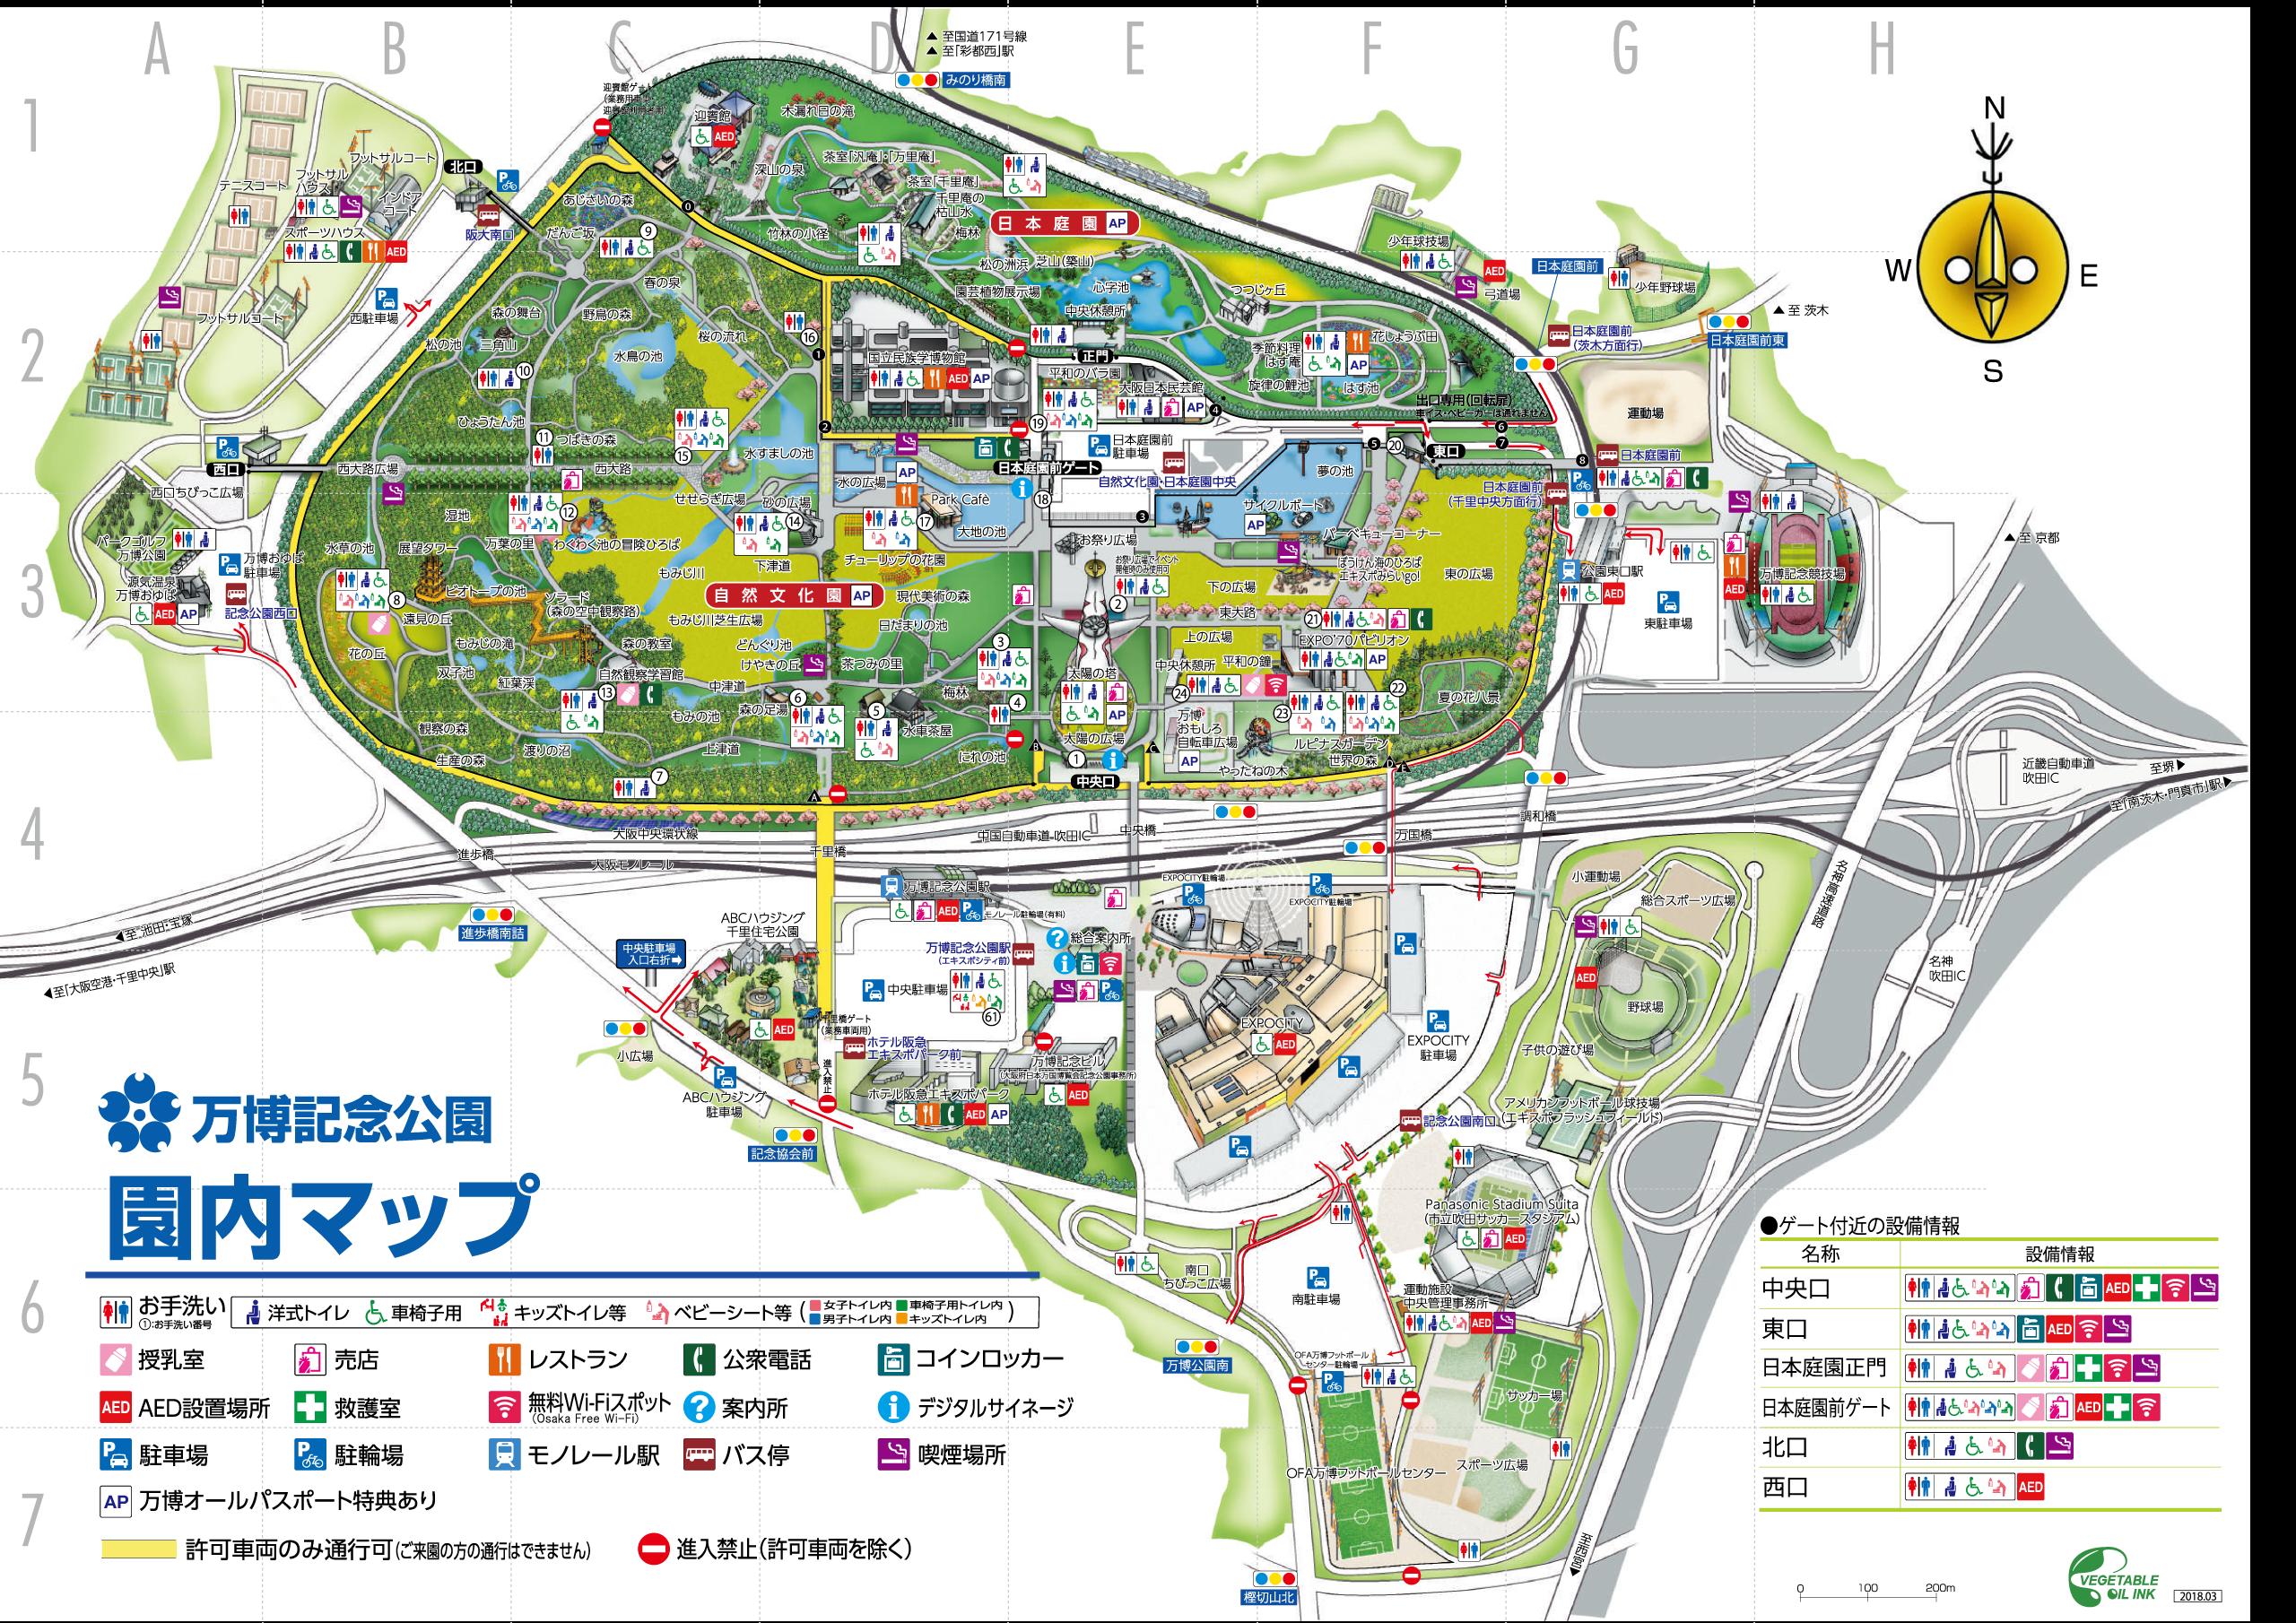 万博記念公園のマップ